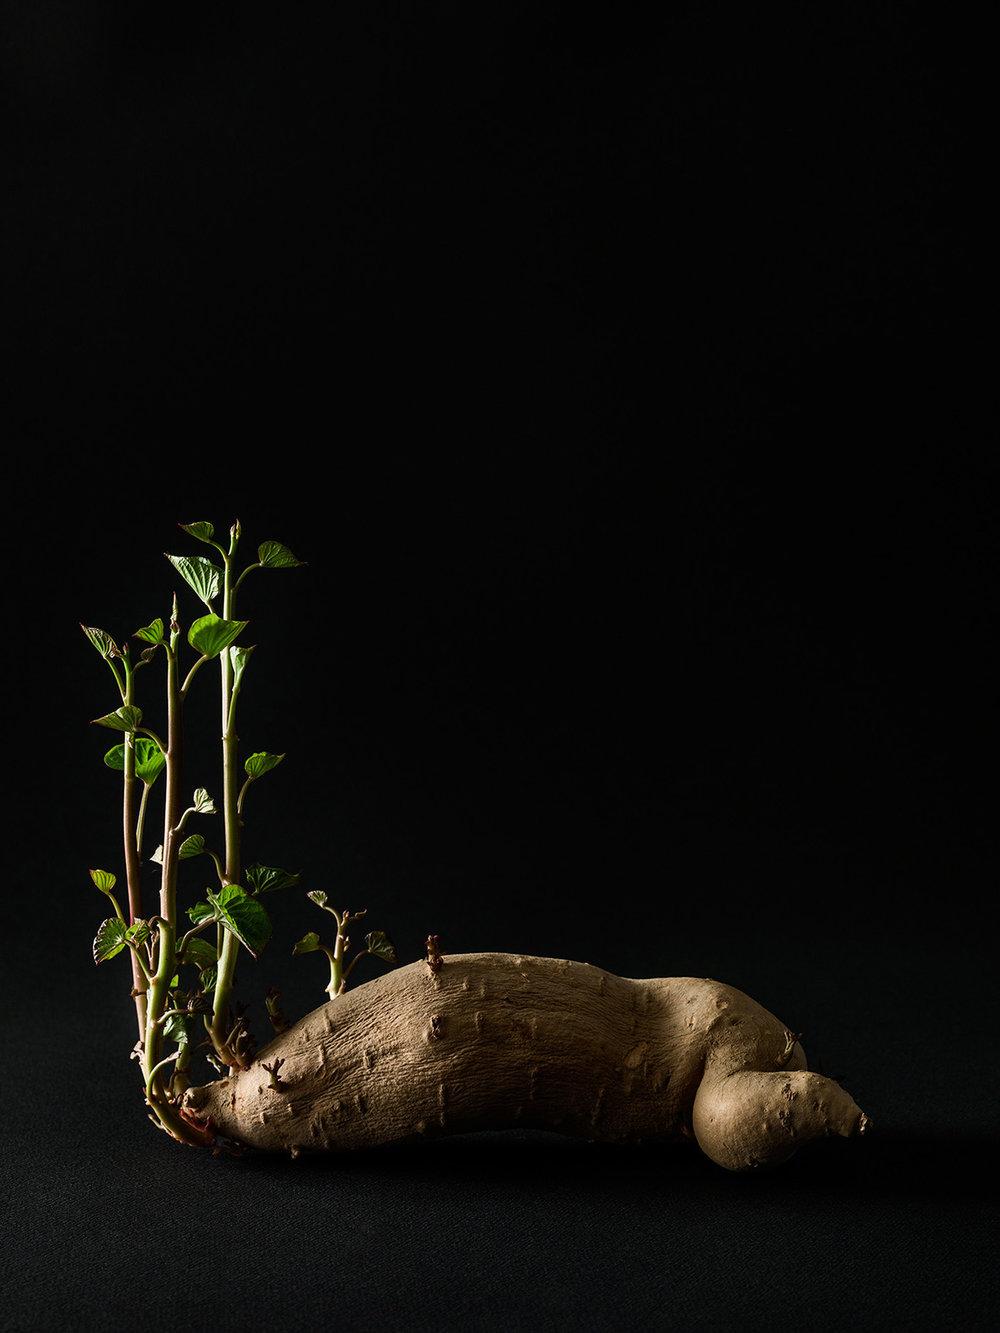 Beth_Galton_Amour_de_Pomme_de_Terre_Fingerlin_Sweet_Potato_12days_2.jpg